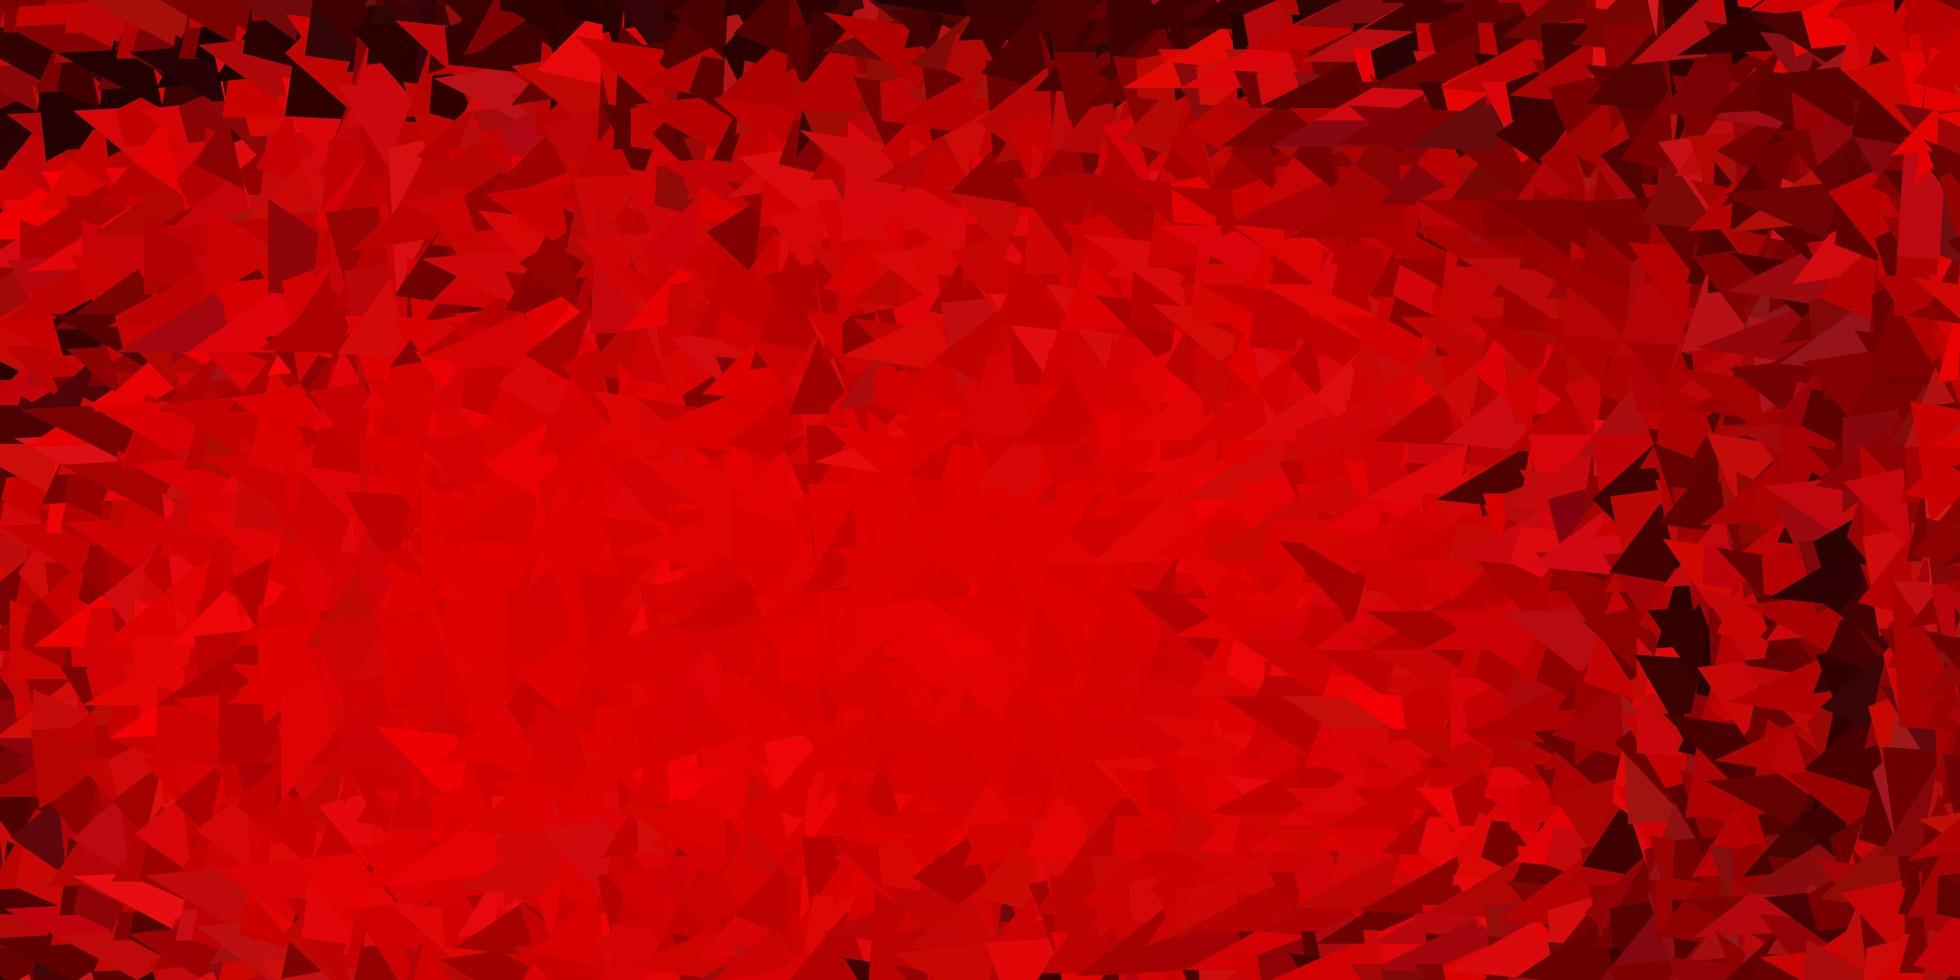 diseño de polígono degradado rojo oscuro. vector